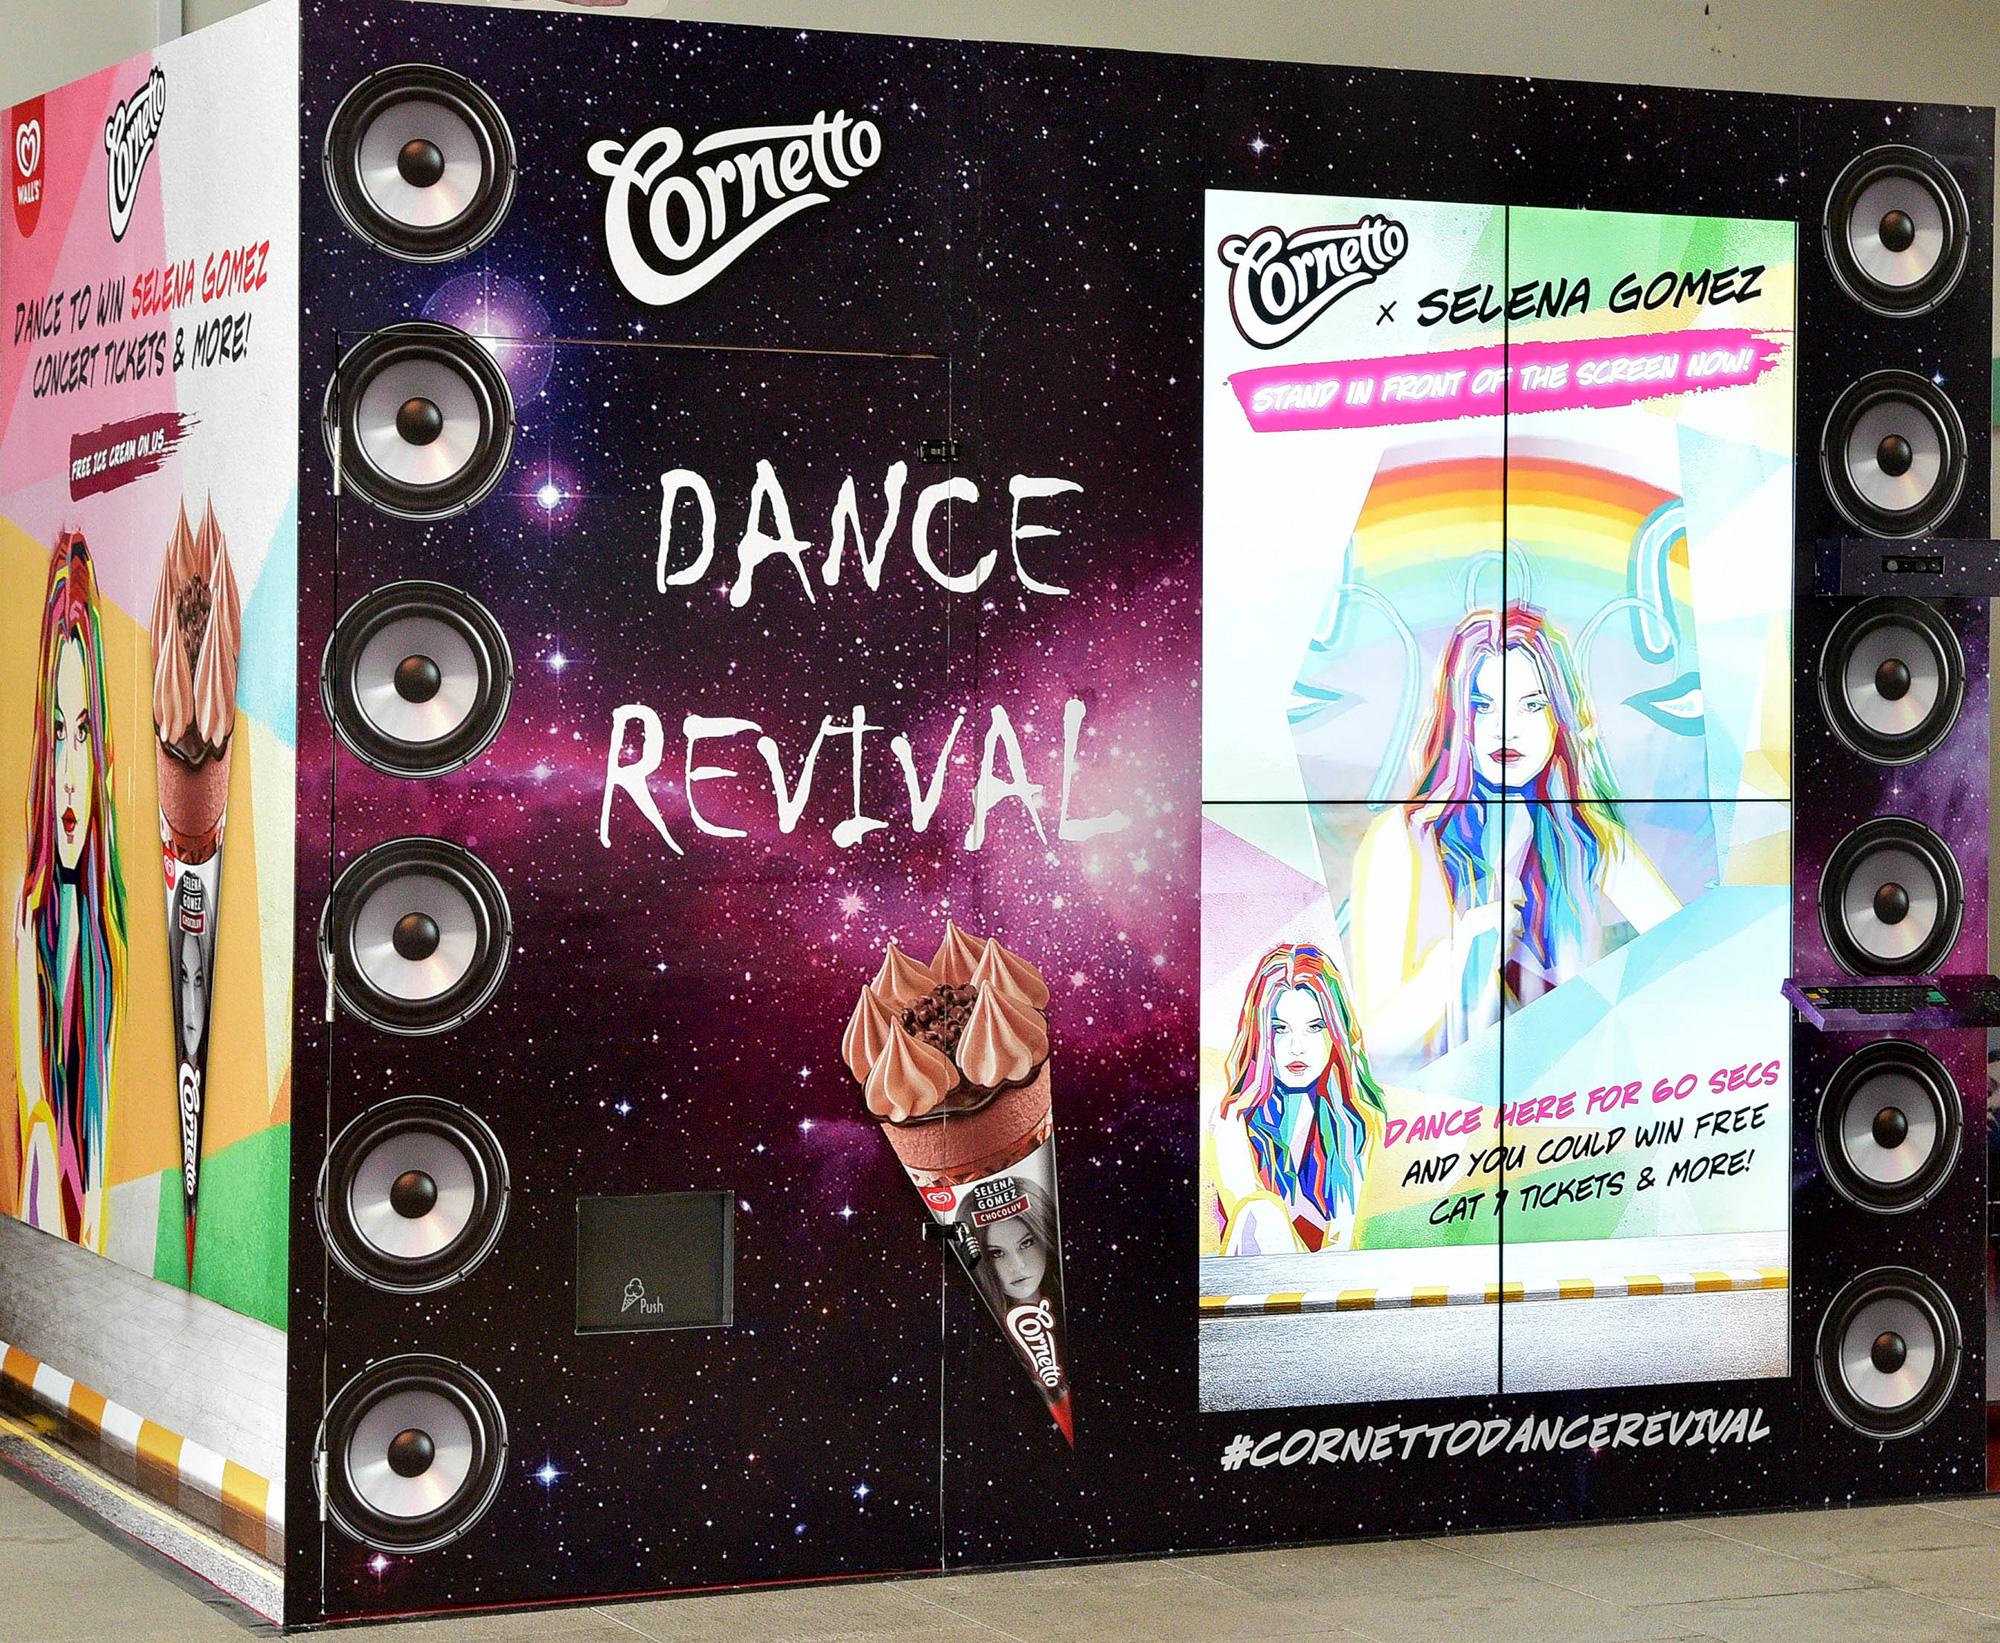 Cornetto-Dance-Revival-Machine-2